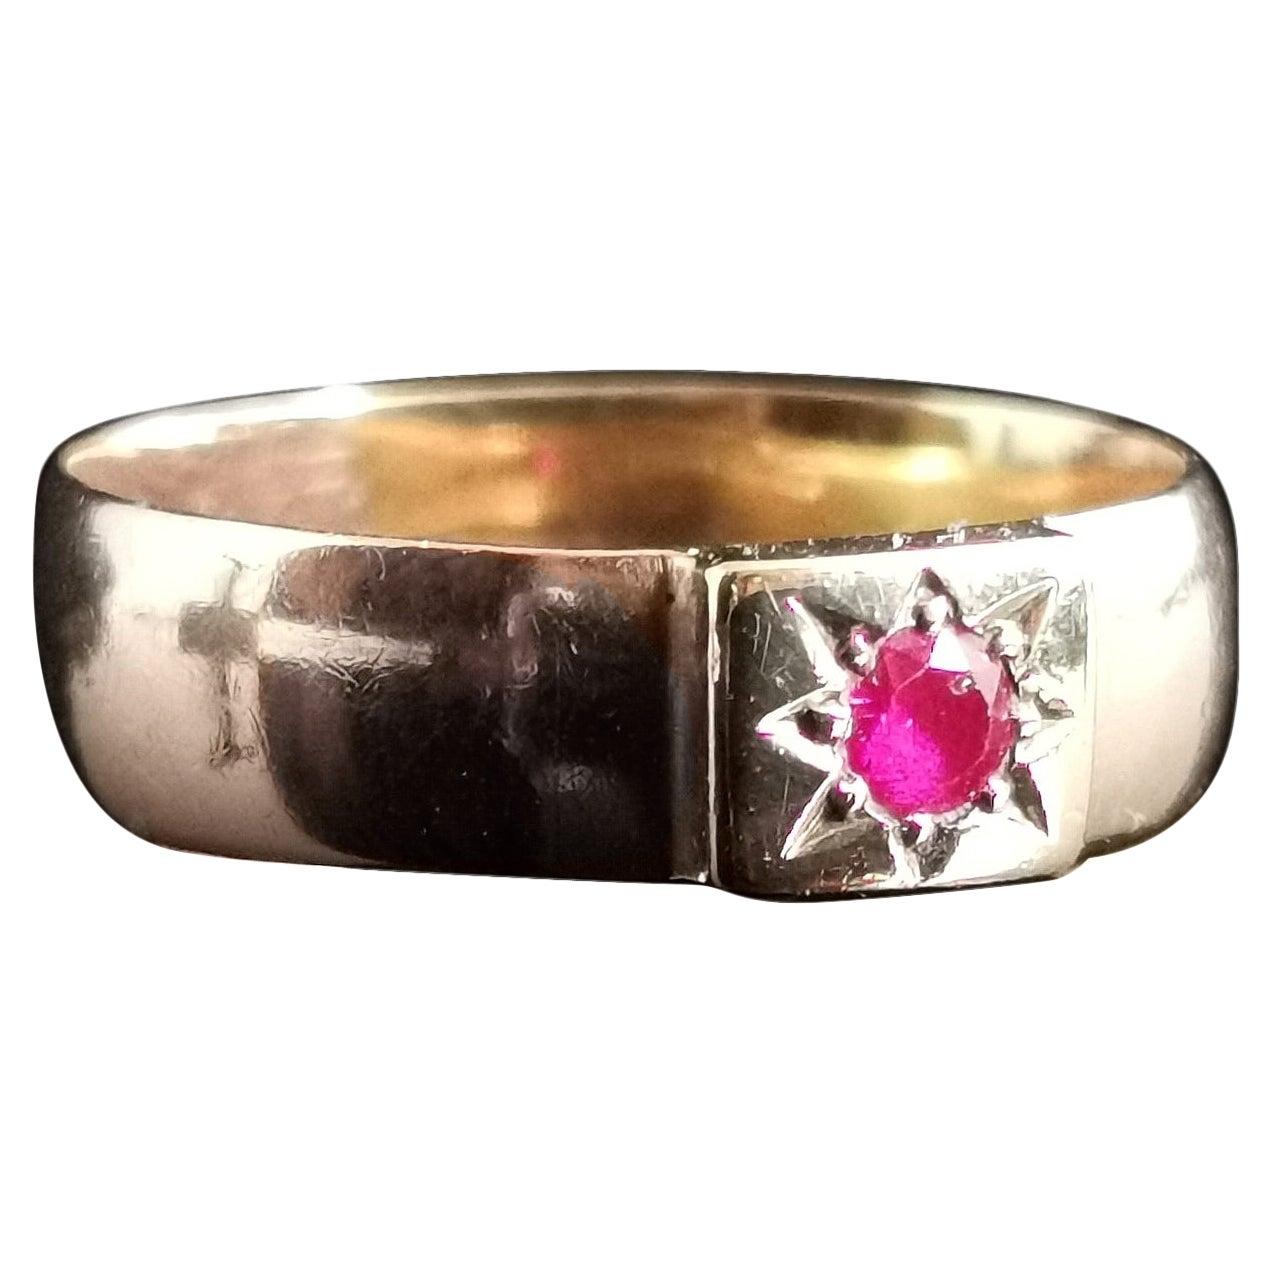 Antique Ruby Band Ring, 9 Karat Yellow Gold